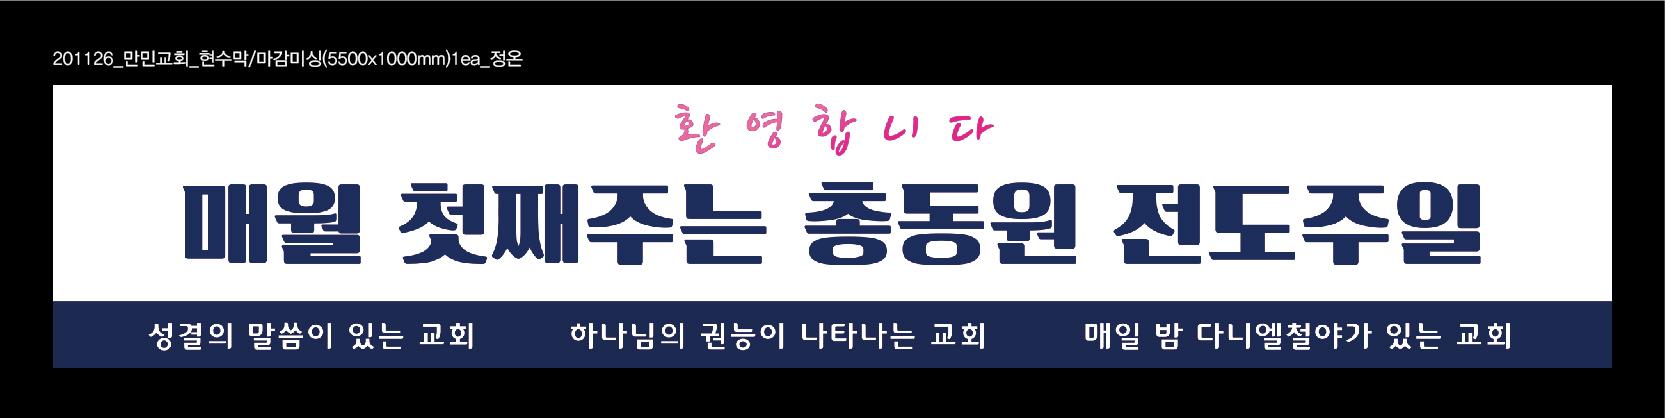 201126_만민교회_현수막